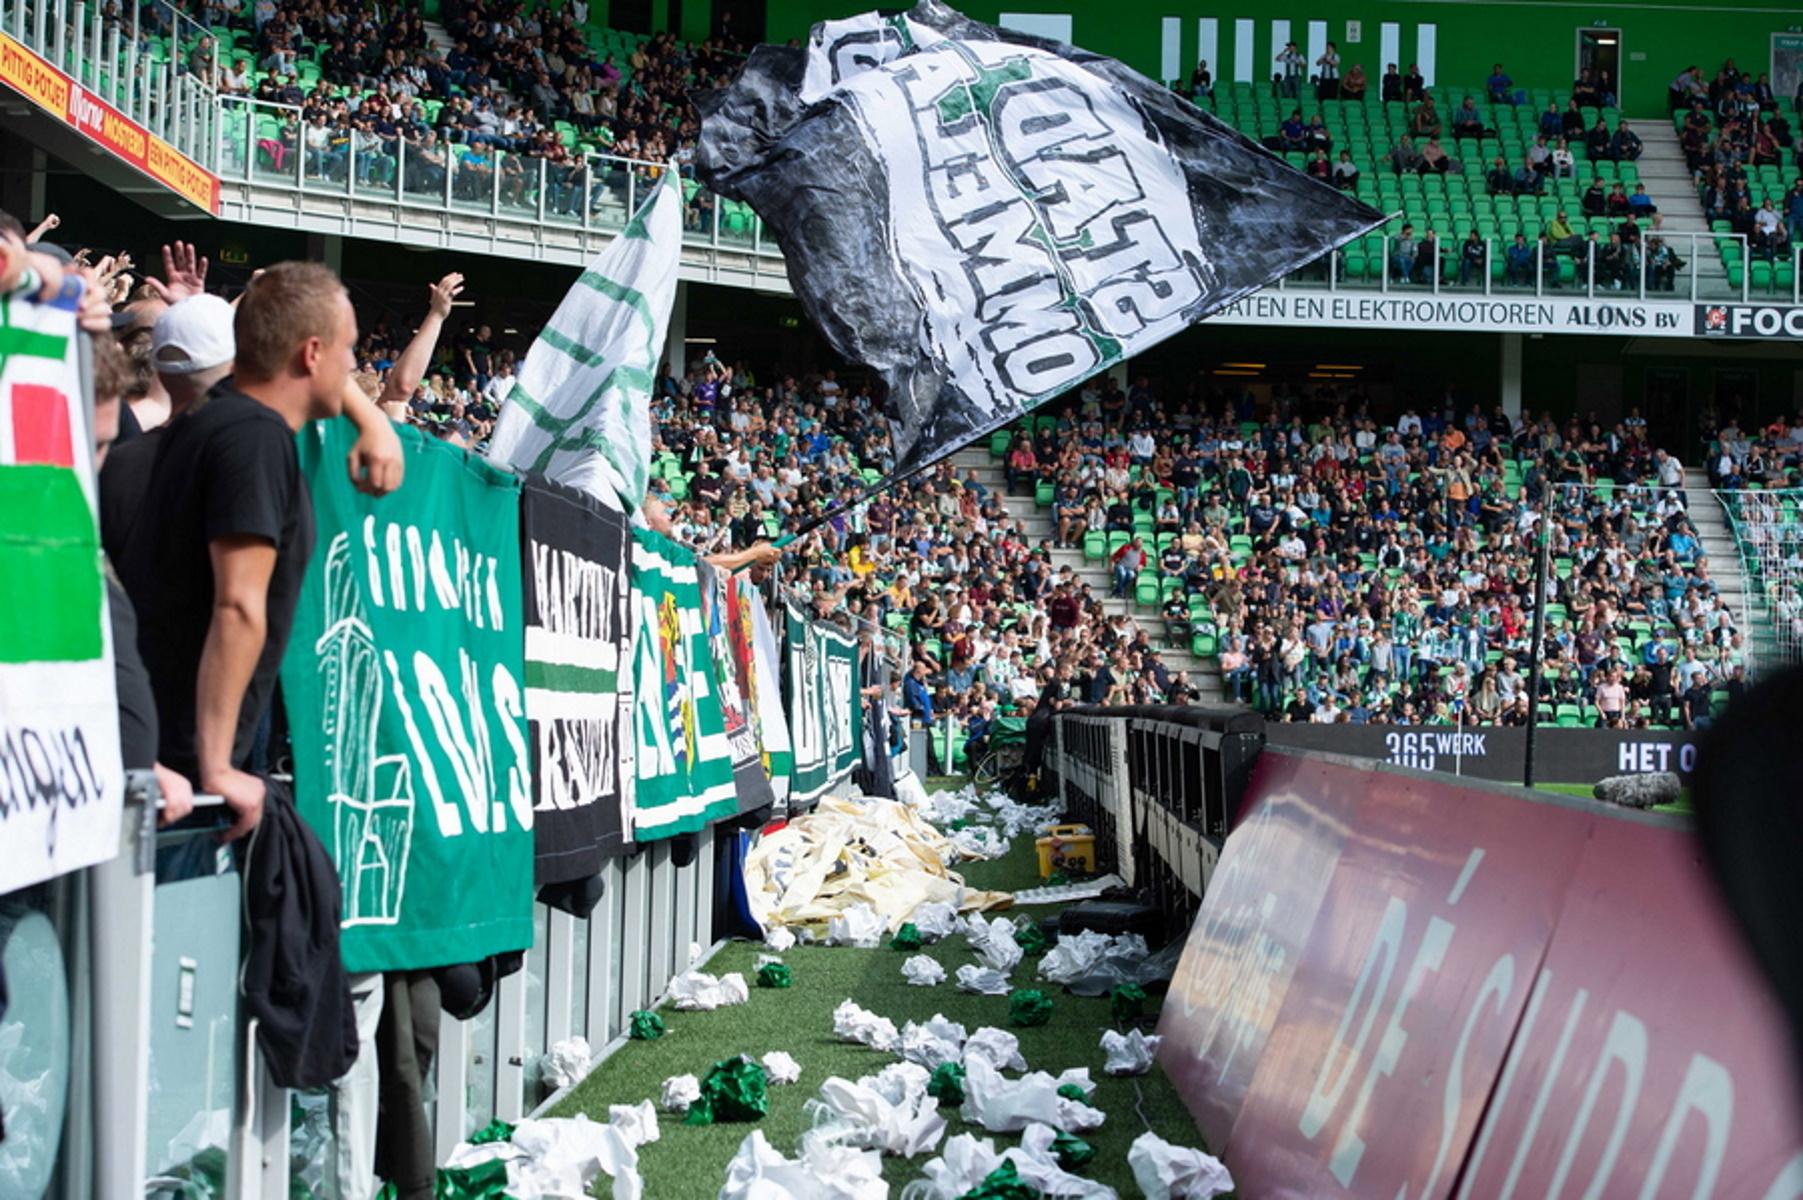 Χωρίς περιορισμούς για τον κορονοϊό οι οπαδοί στα γήπεδα της Ολλανδίας